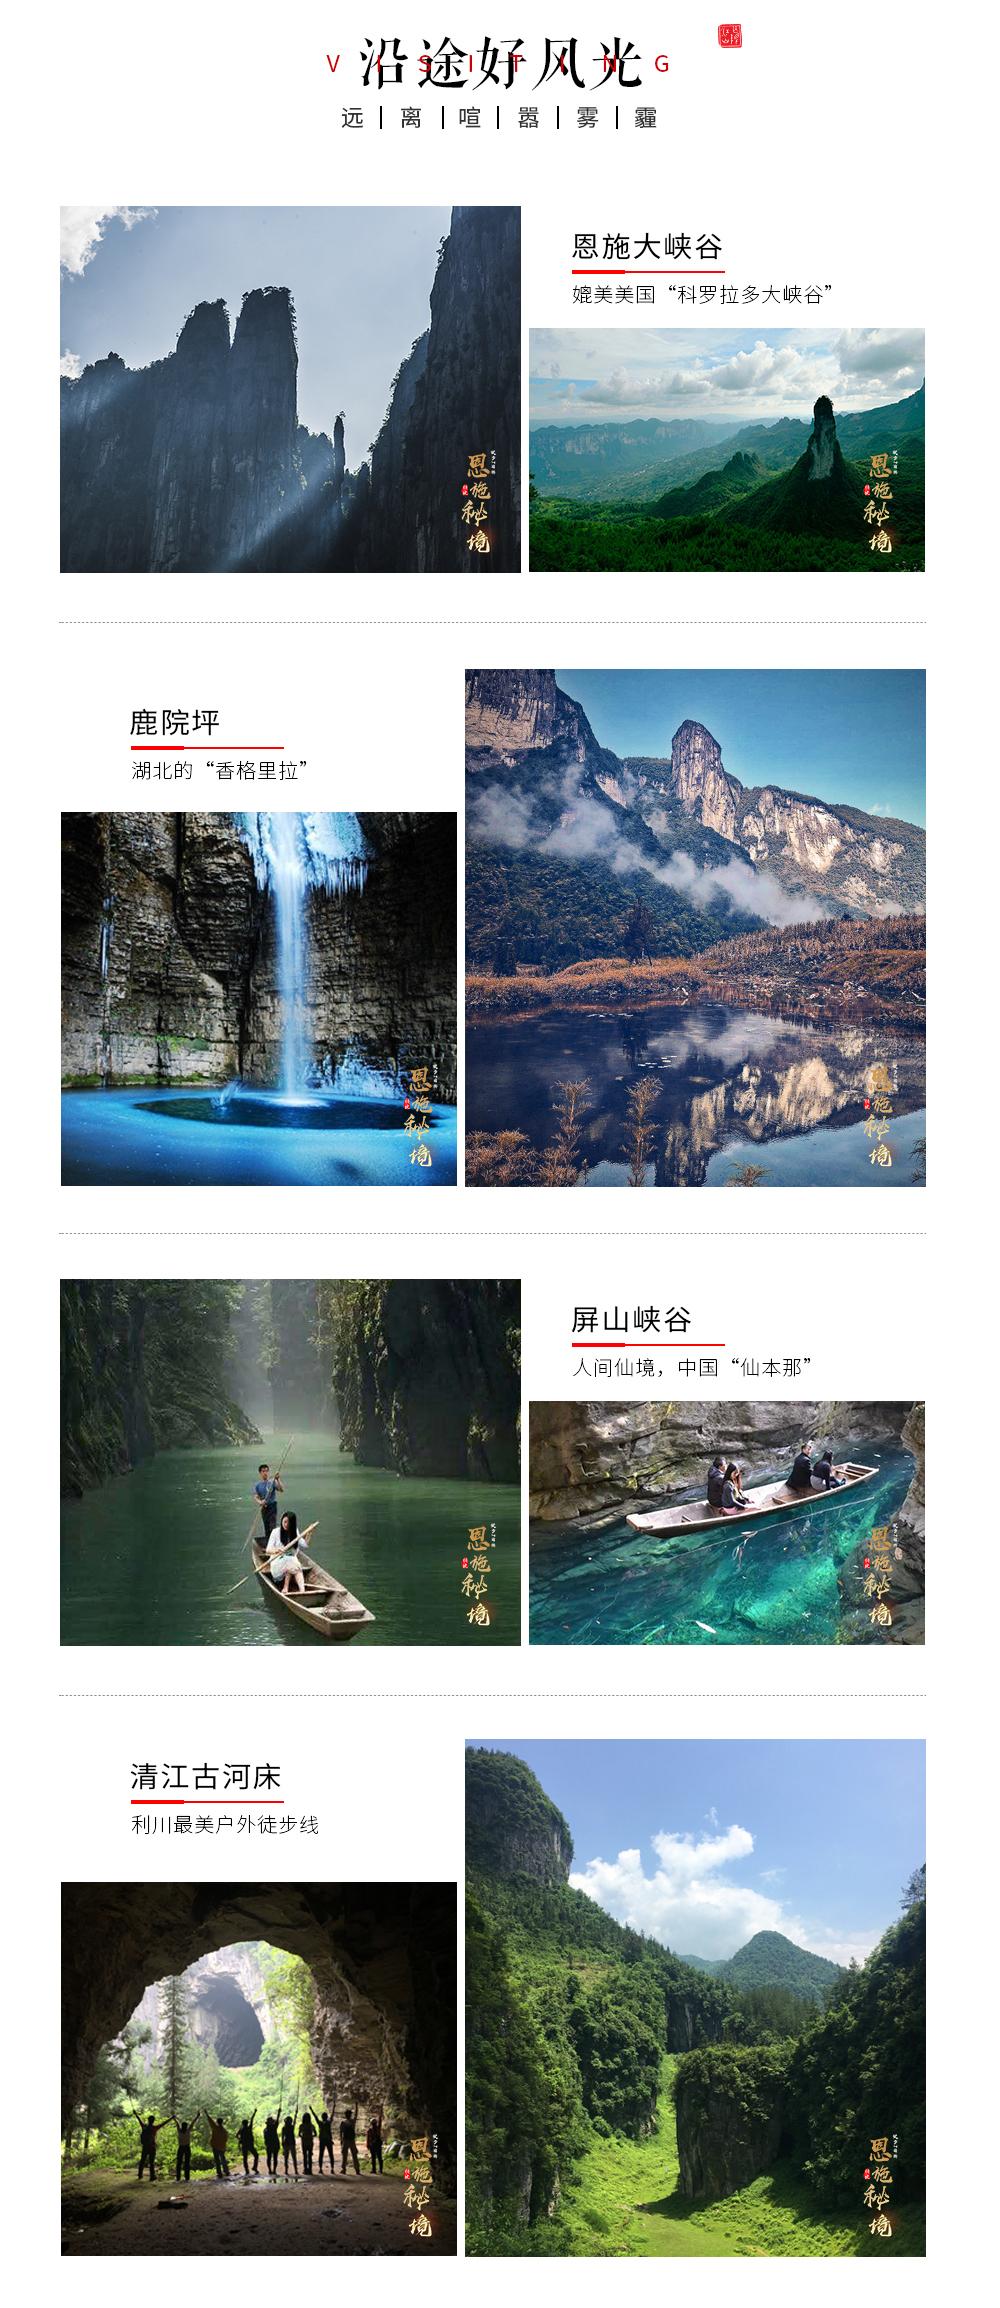 (11)2019年每周出发  恩施秘境| 探索地心世界,走进中国的仙本那-户外活动图-驼铃网